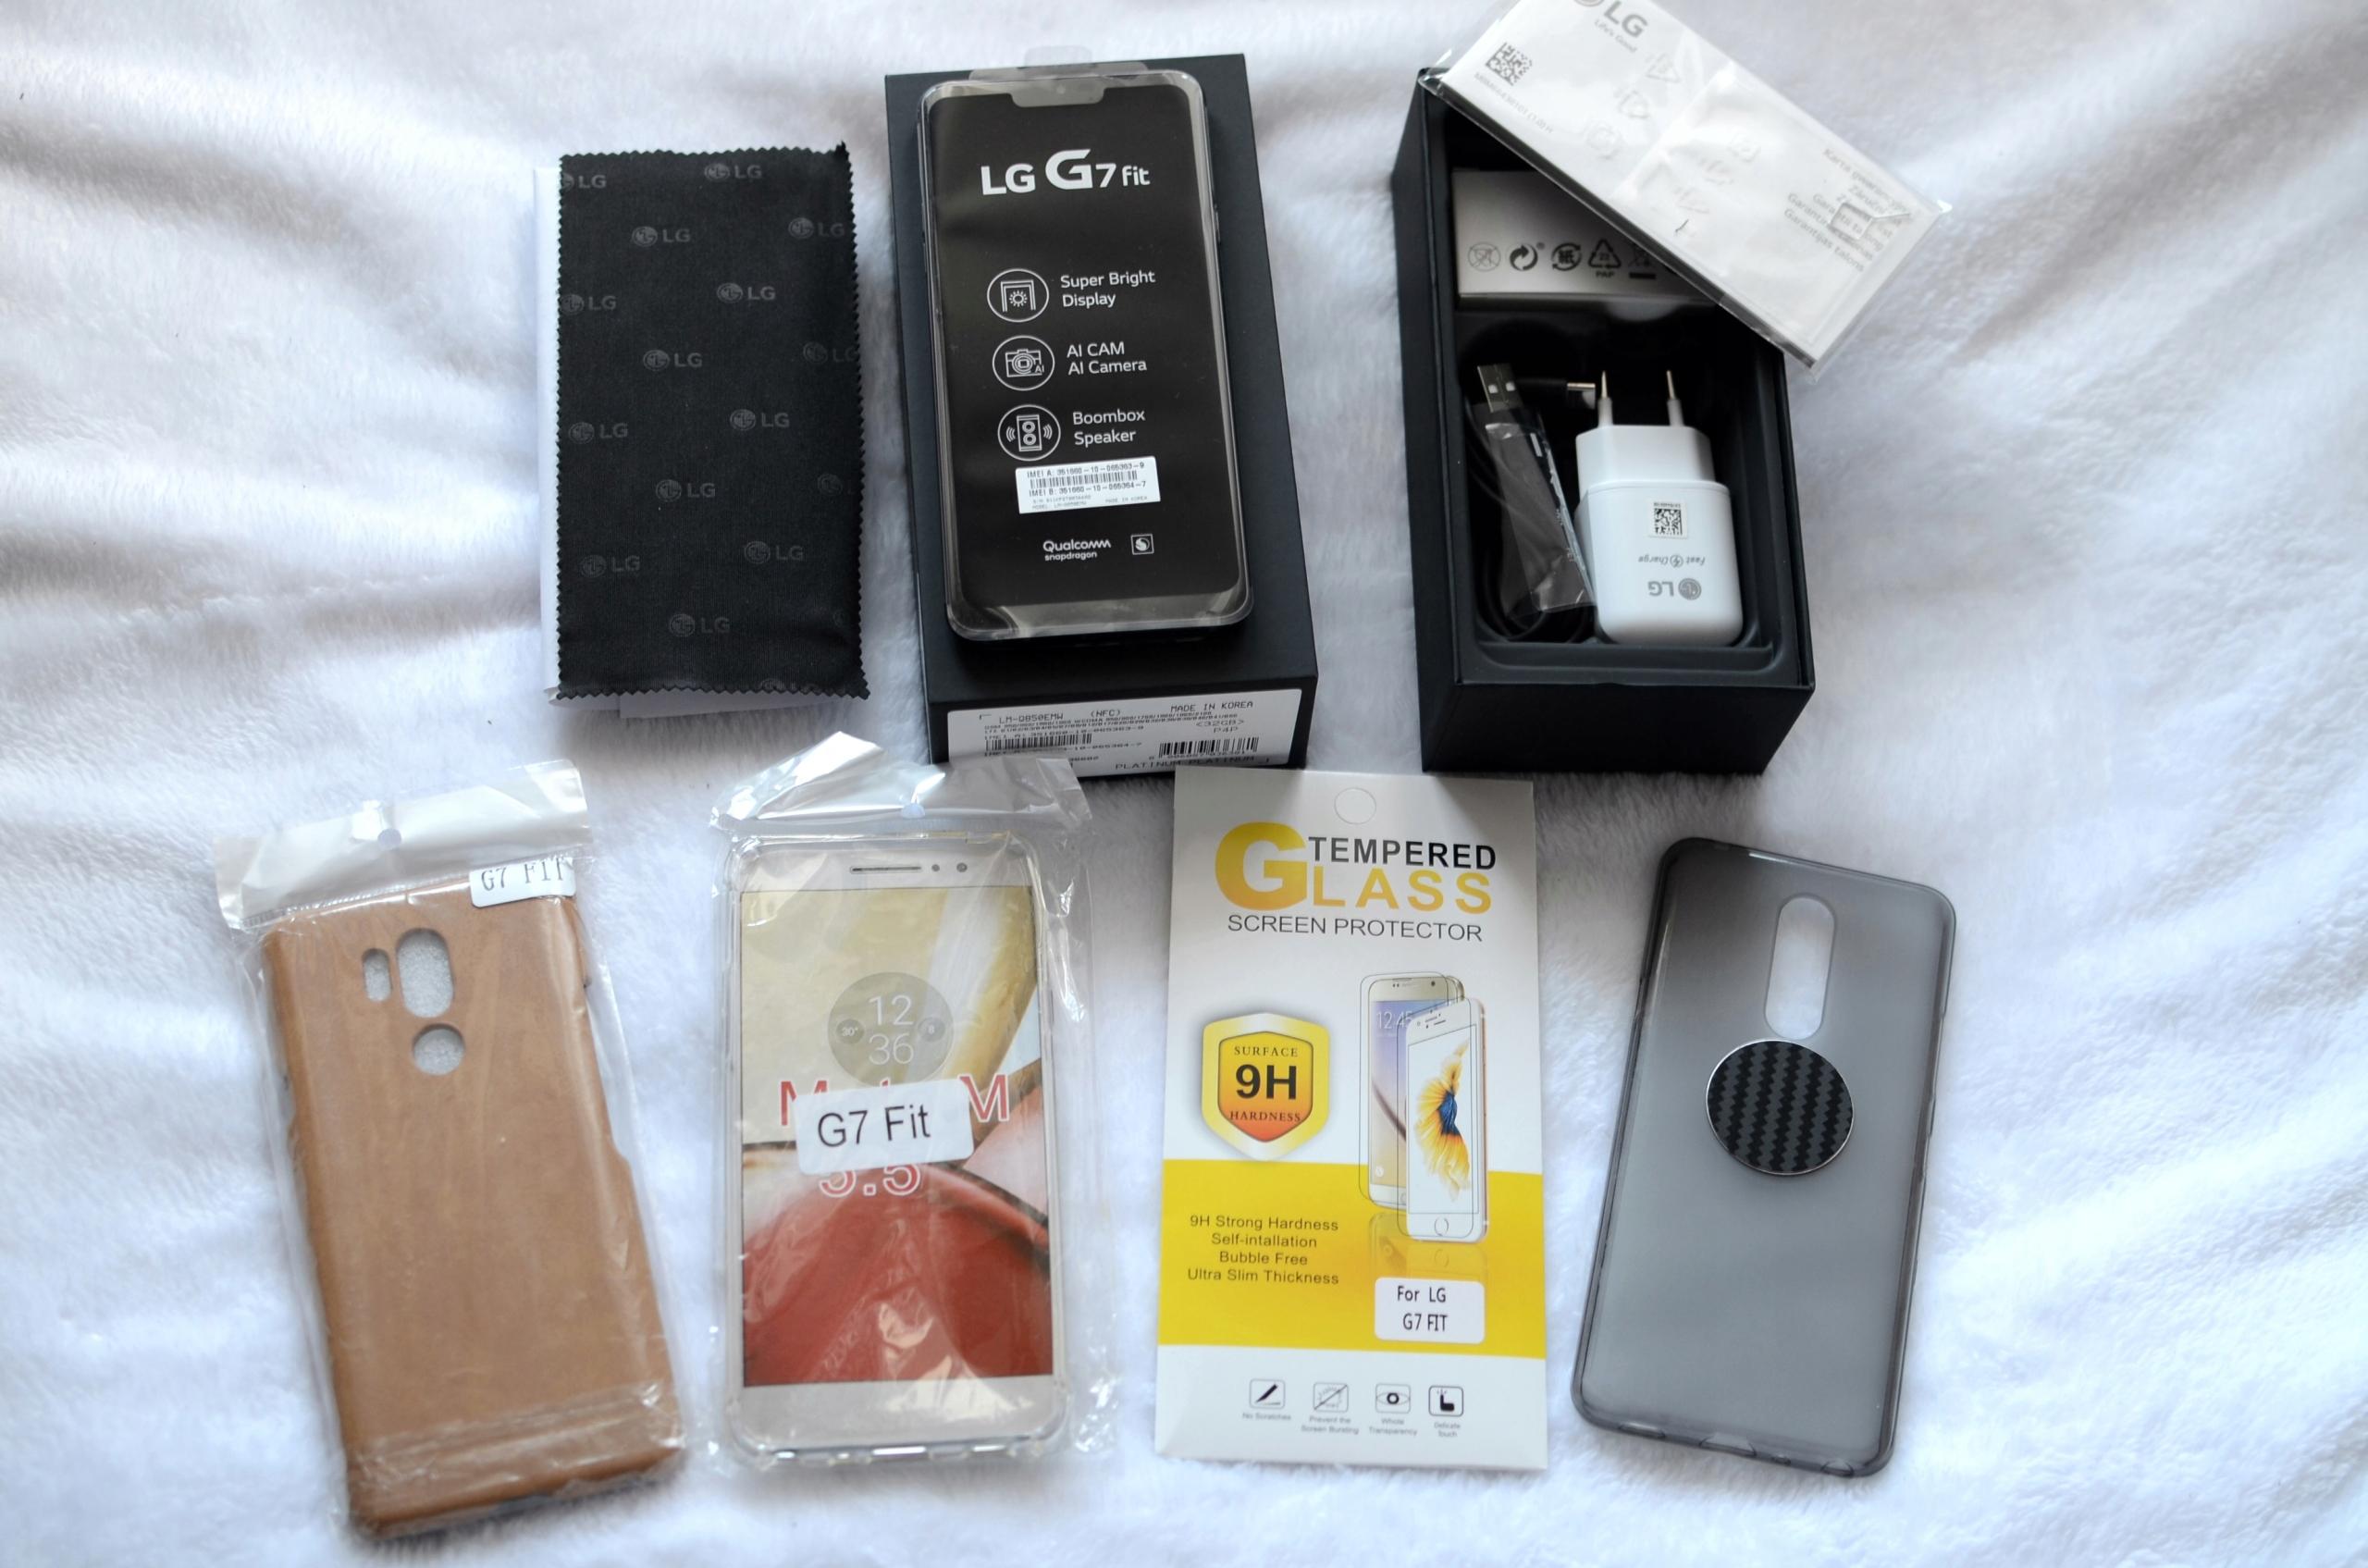 LG G7 fit GWARANCJA GRATISY DualSIM KOMPLET 28FOTO